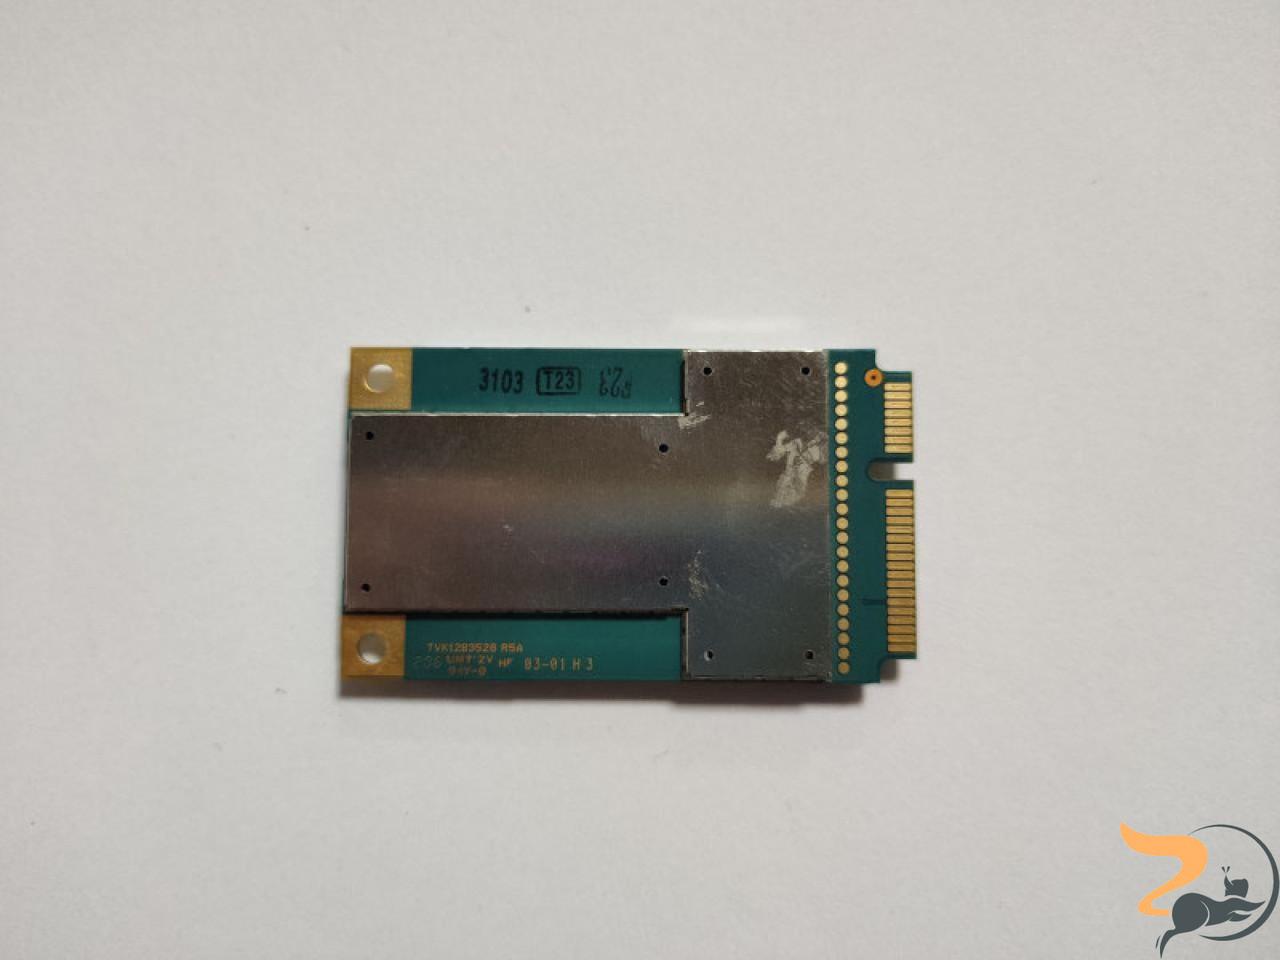 Адаптер 3G, 4G, Ericsson, GPRS, EDGE, знятий з ноутбука, Lenovo ThinkPad W520, X230, X230i, 04W3767, F5521gw, б/в, В хорошому стані.